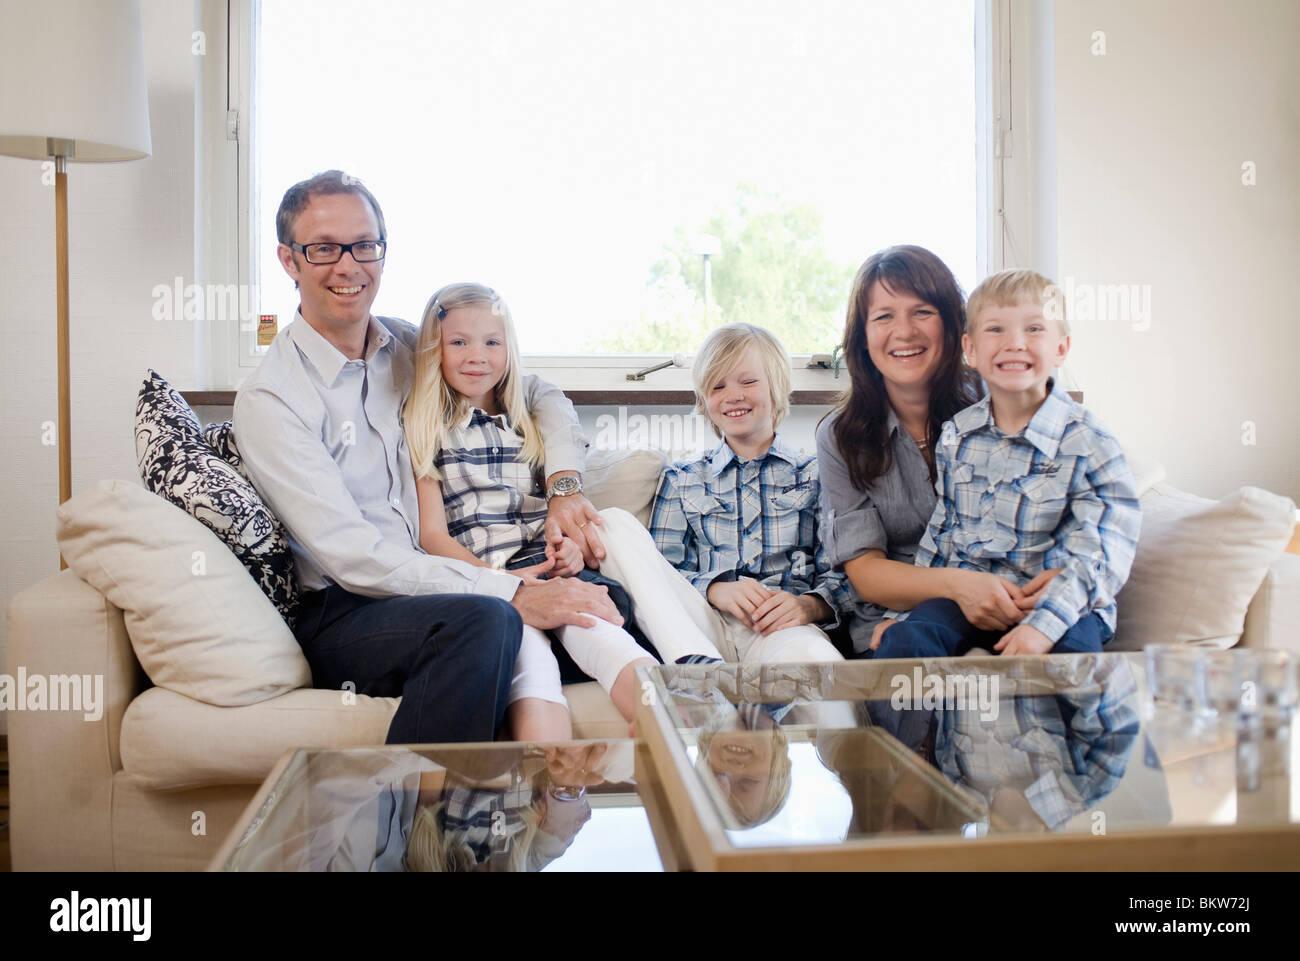 Happy family in livingroom - Stock Image